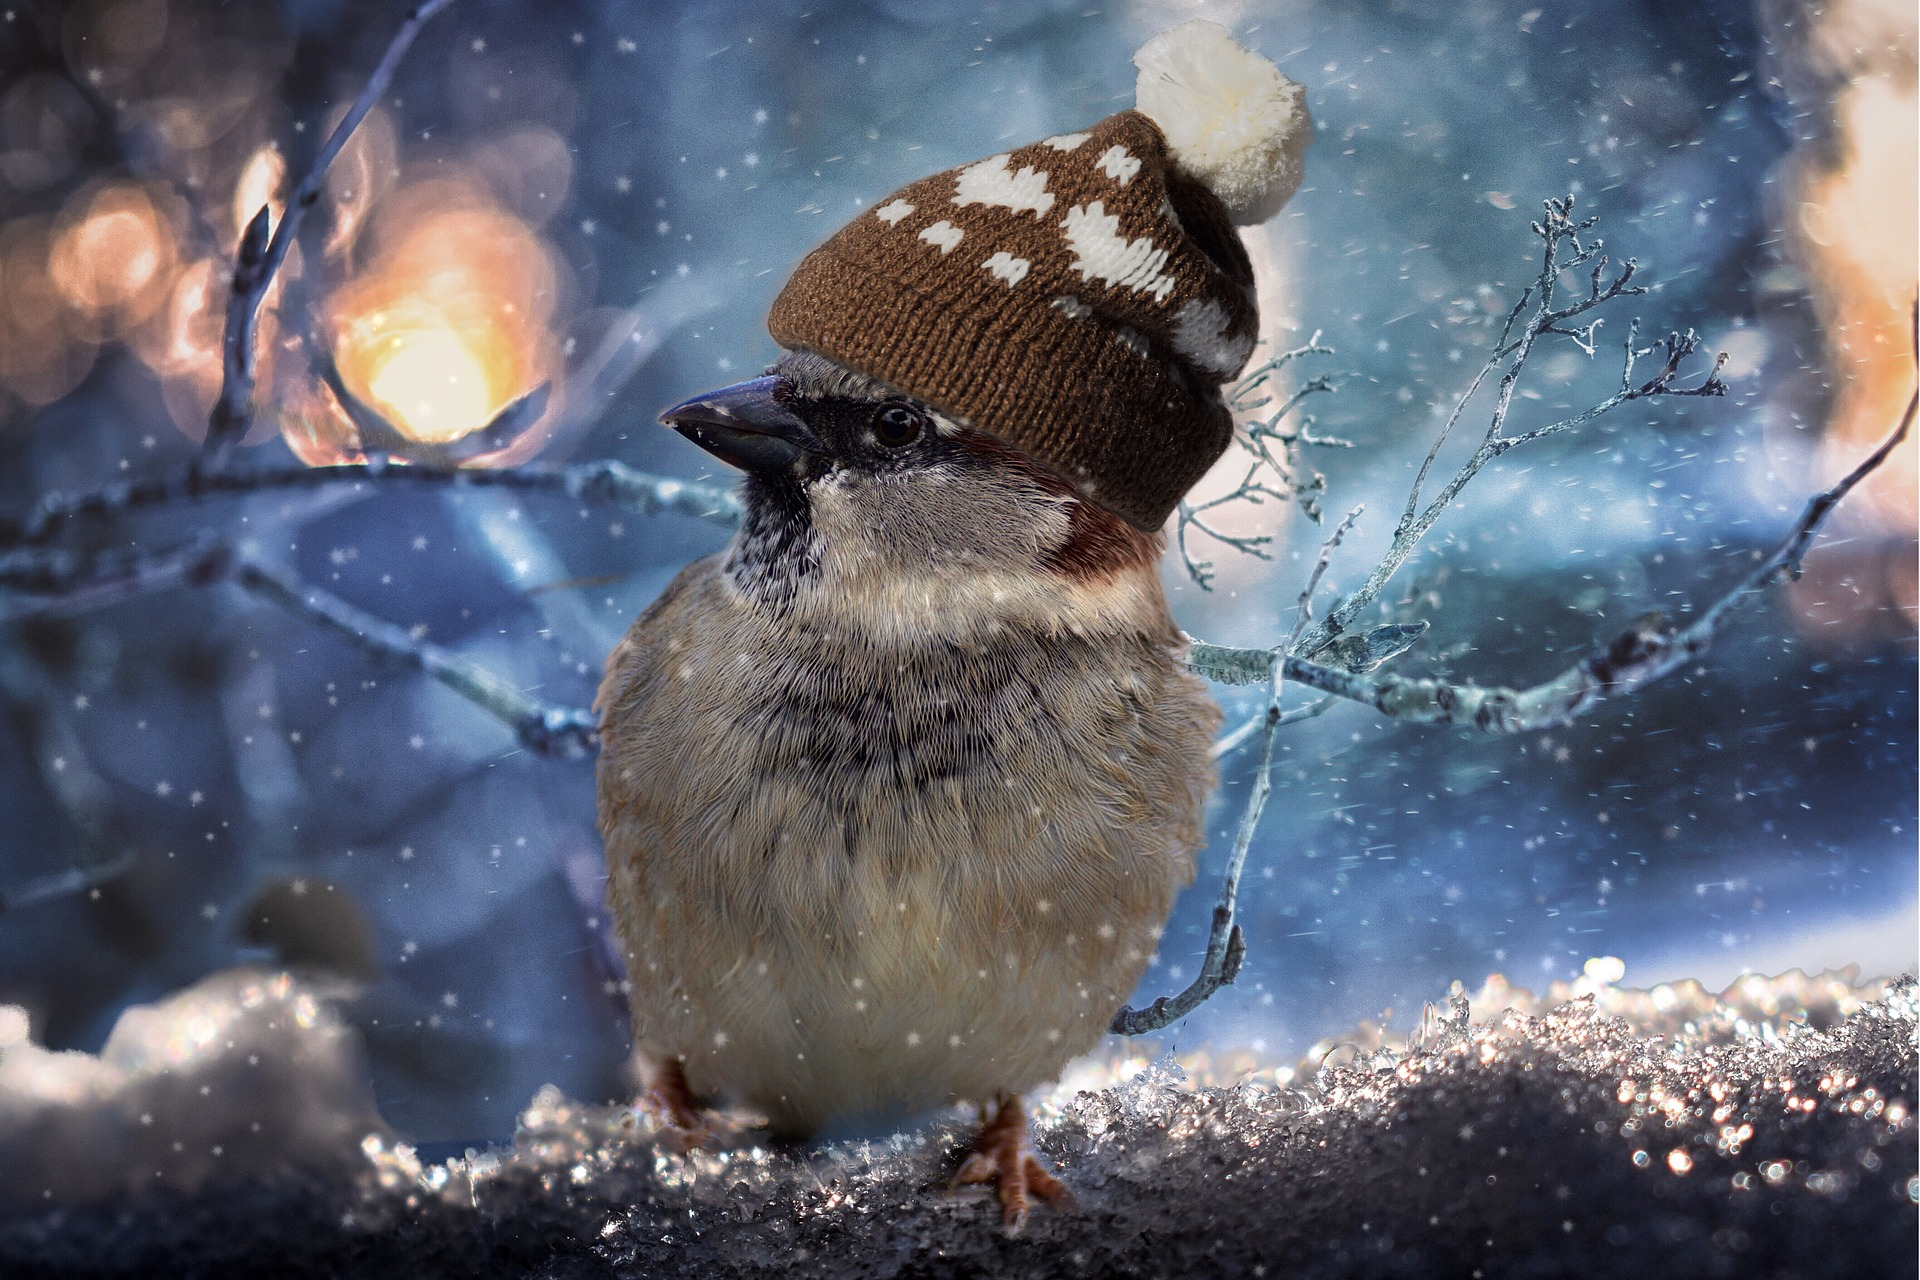 sparrow-2909335_1920.jpg